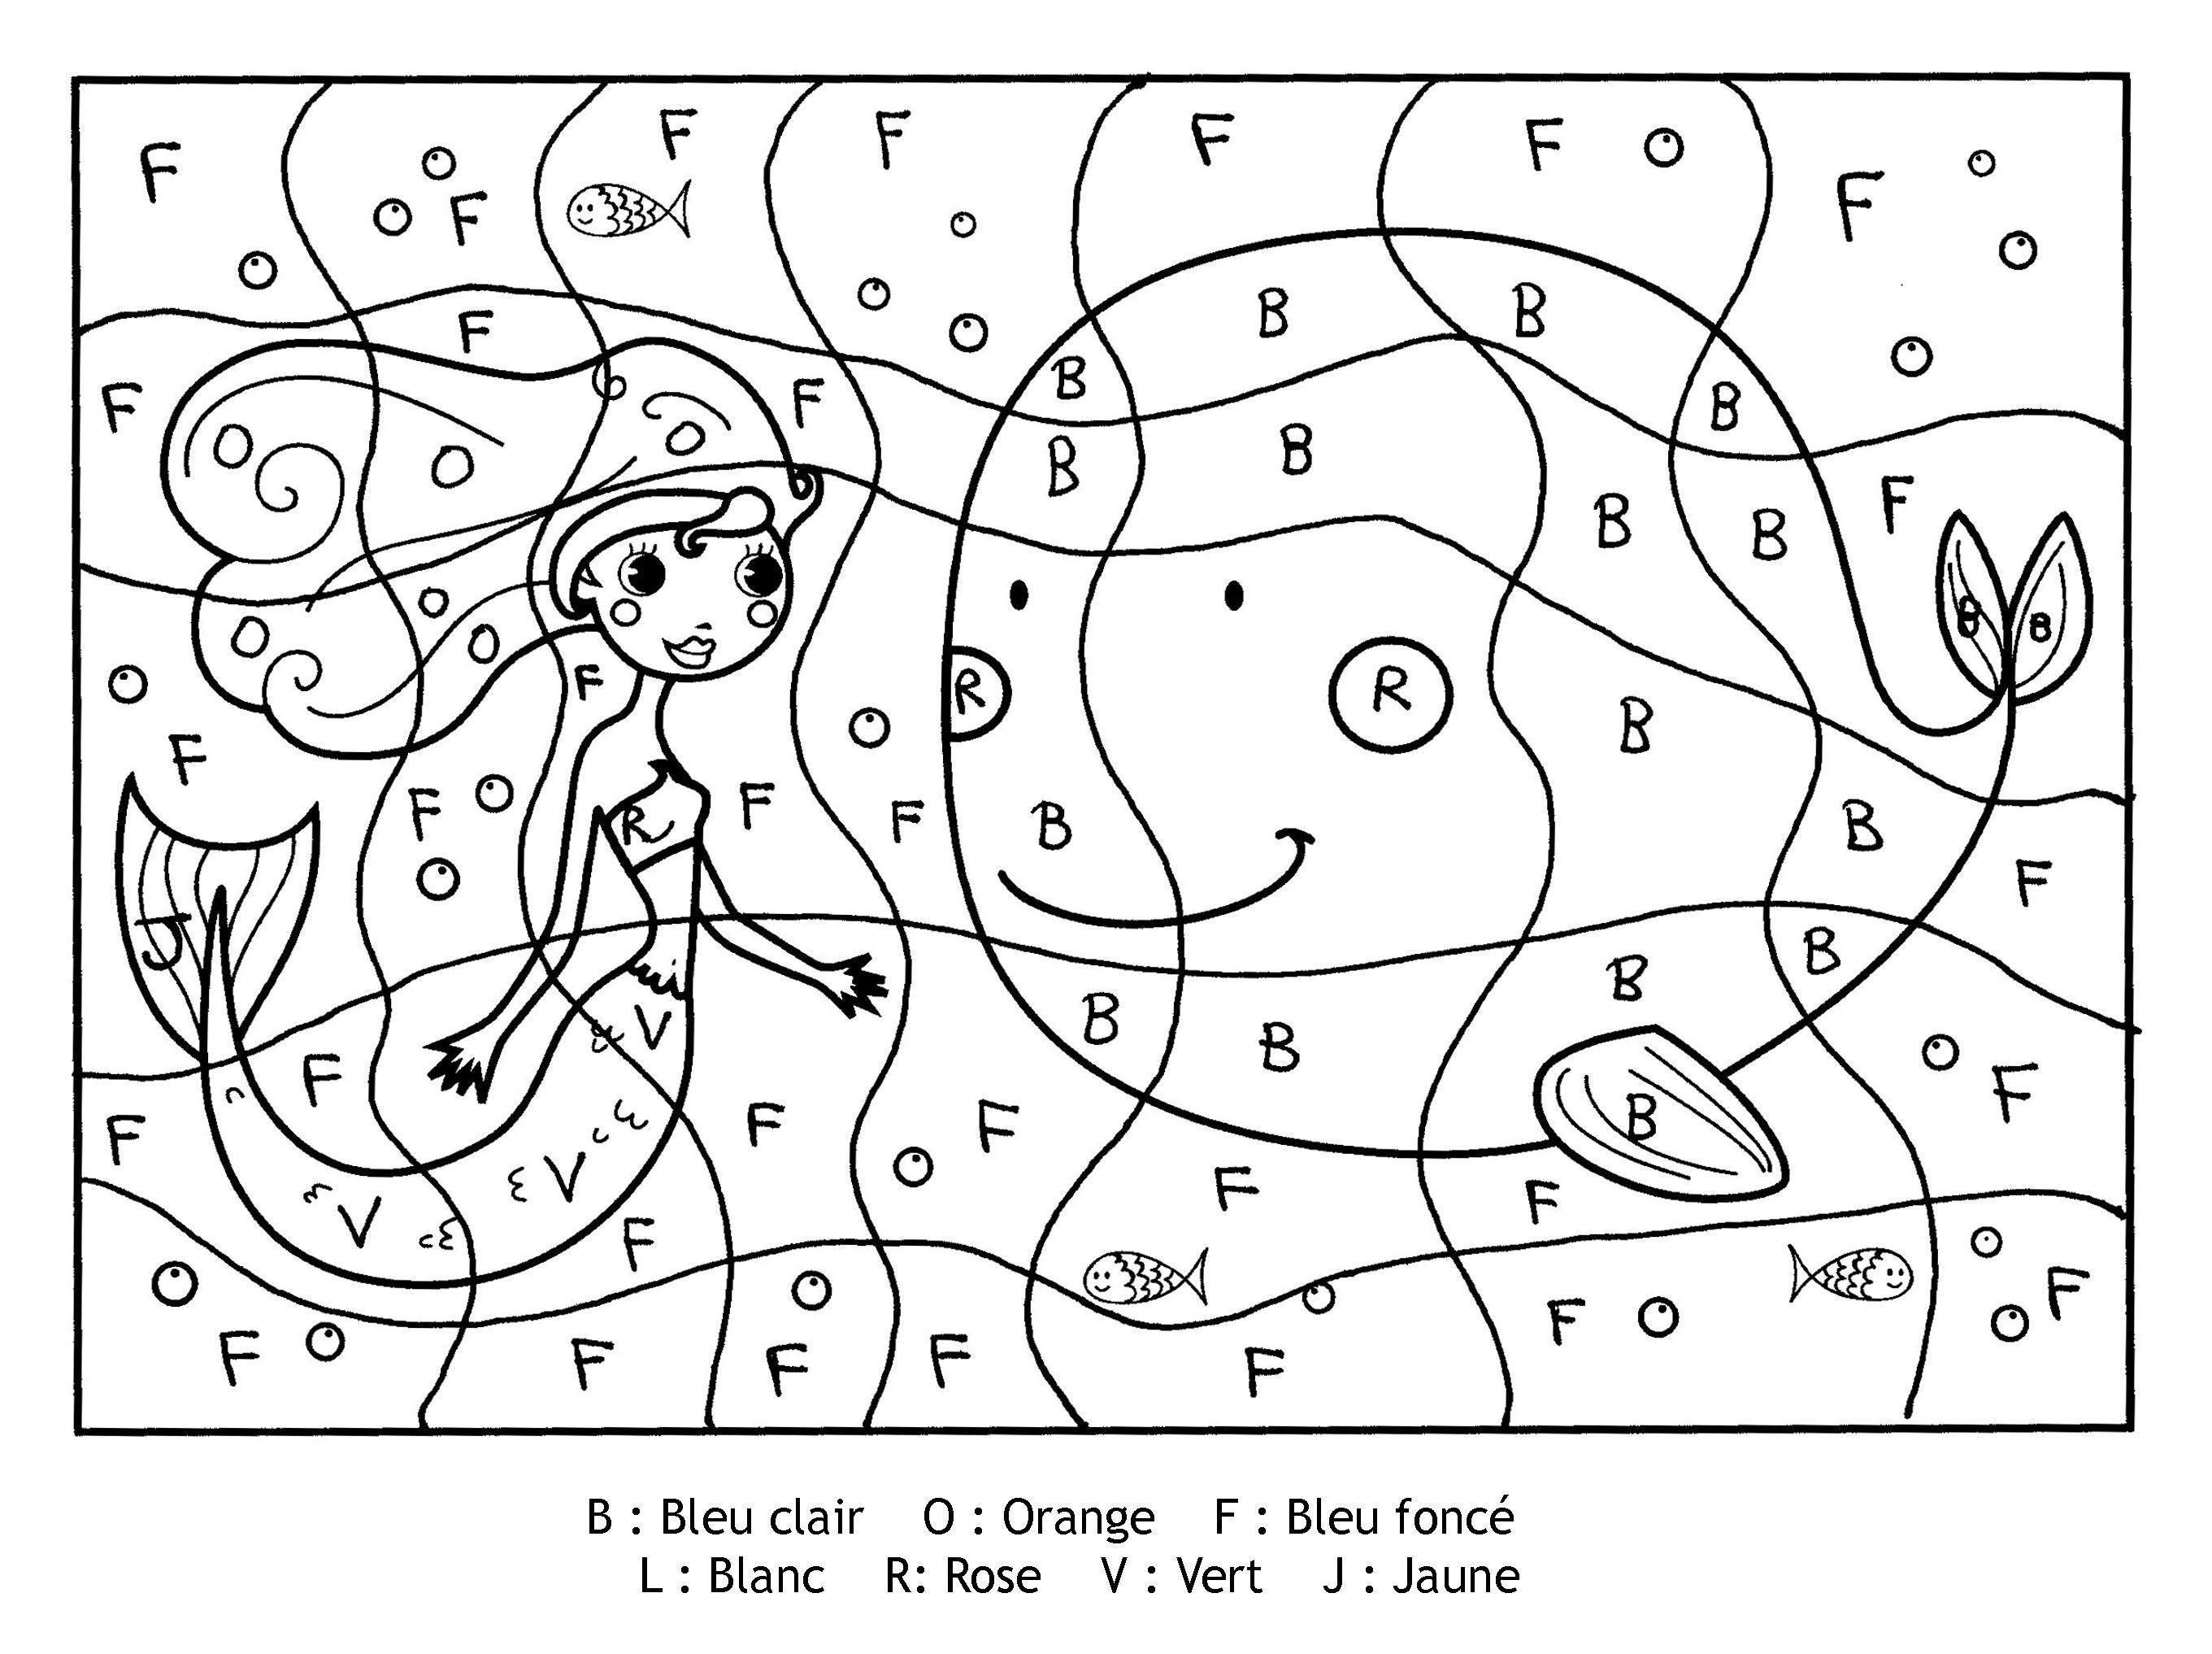 Pour imprimer ce coloriage gratuit coloriage magique lettres sirene cliquez